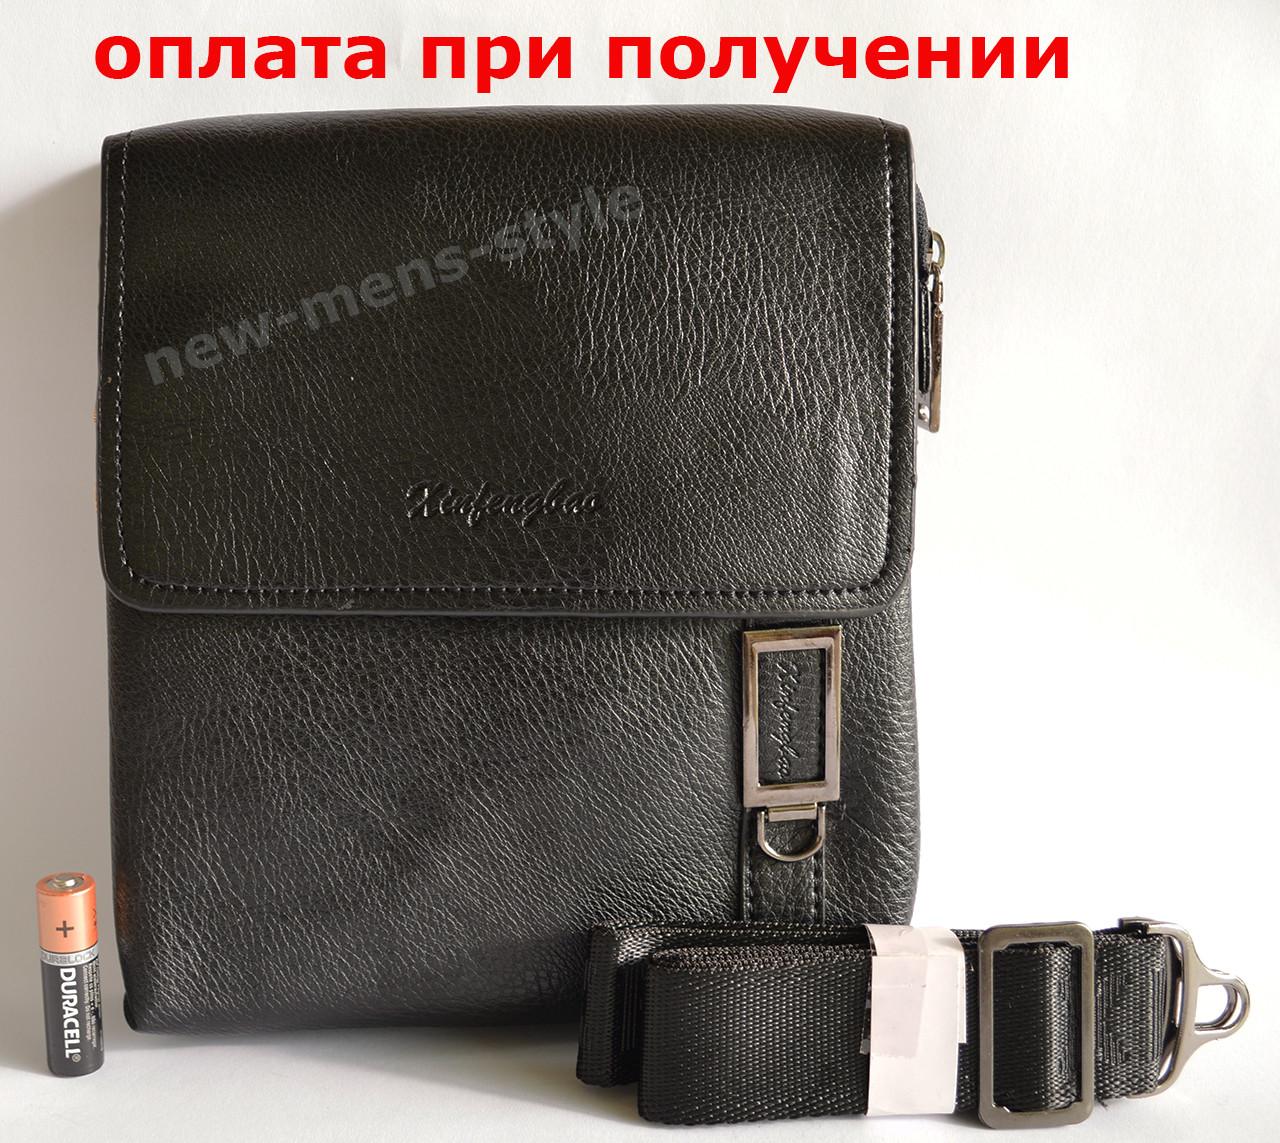 Мужская кожаная сумка, барсетка под бренд Polo Jeep Xinfengbao купить